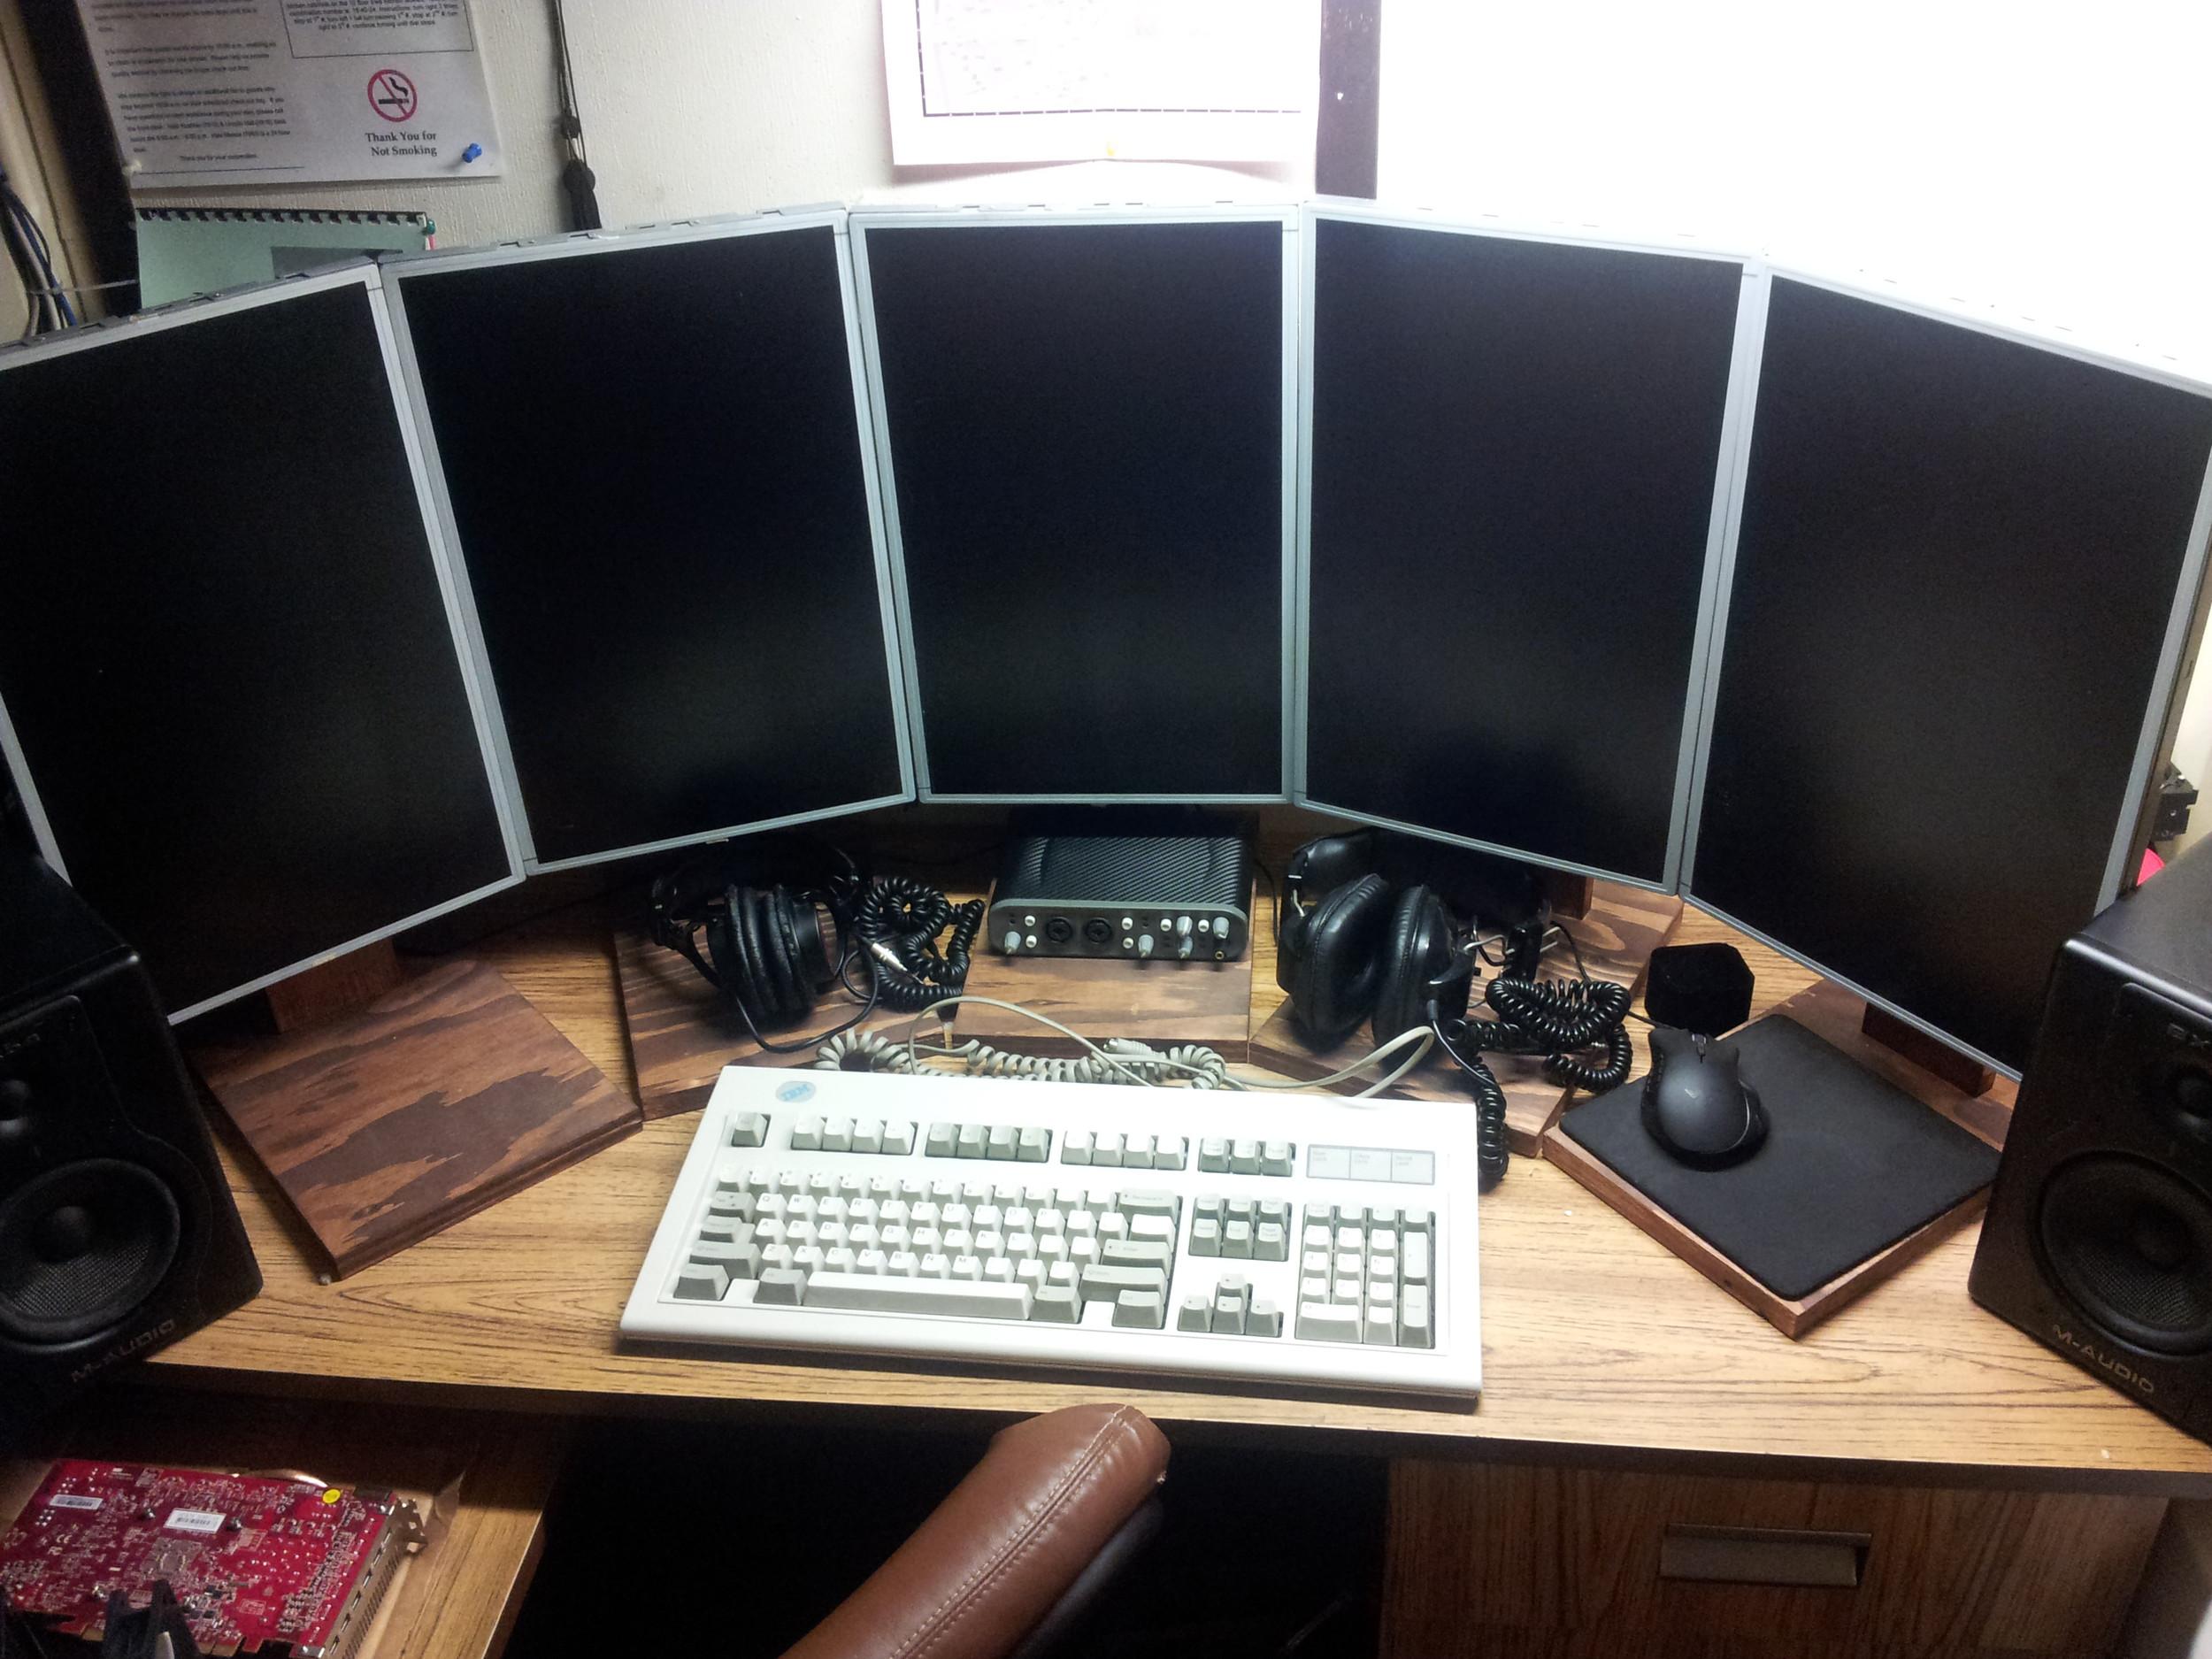 The desk.